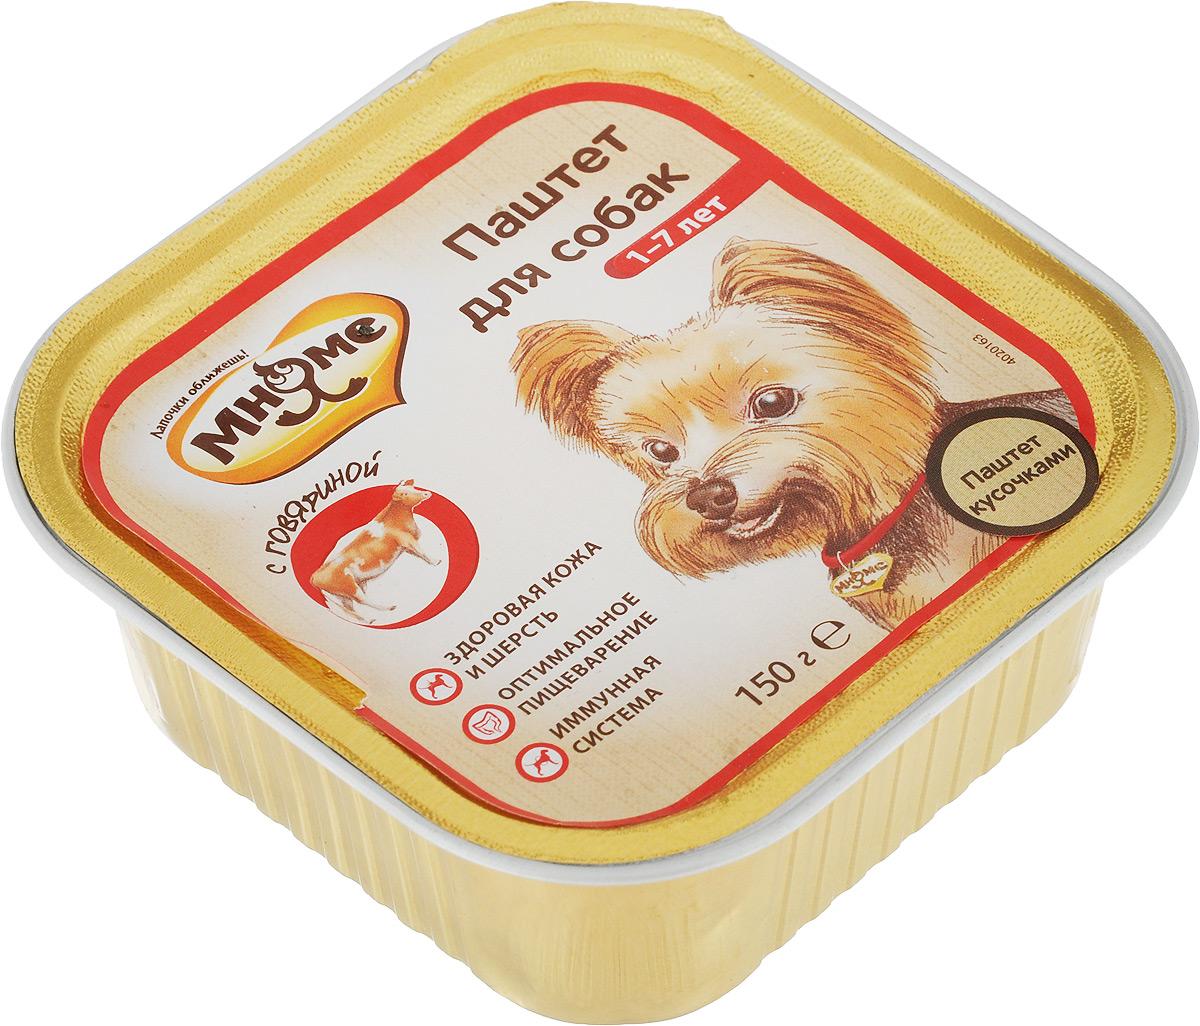 Консервы для собак Мнямс, паштет с говядиной, 150 г702471Консервы для собак Мнямс - это полноценное питание для взрослых собак в возрасте 1-7 лет. Основным компонентом корма является мясо. Кроме того, корм содержит витамин Е, умеренно ферментируемую клетчатку (пульпа сахарной свеклы), способствующую эффективному всасыванию питательных веществ, и оптимальный баланс жирных кислот омега-6 и омега-3, помогающих сохранить здоровье кожи и шерсти. Товар сертифицирован.